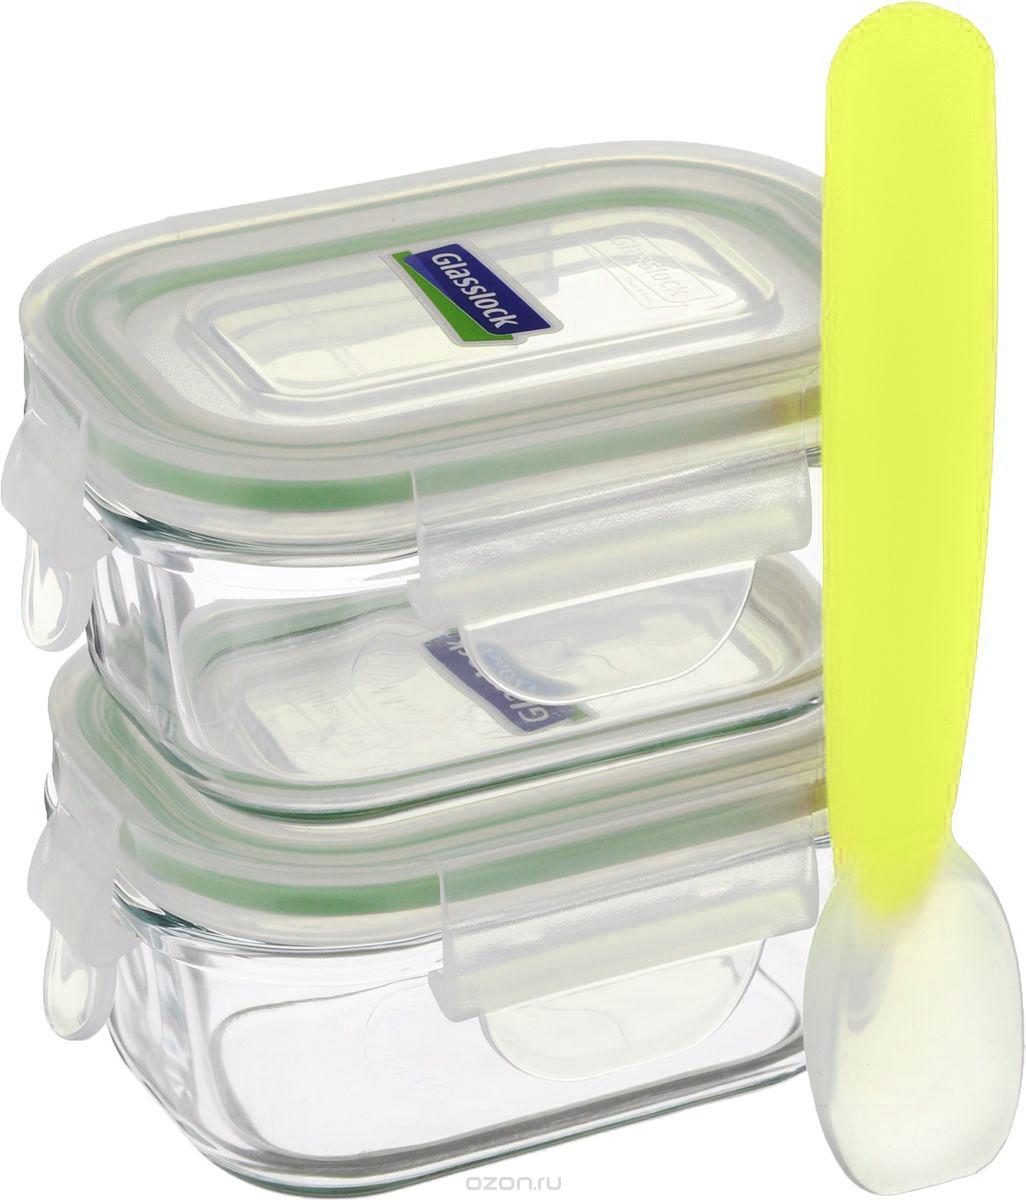 Набор контейнеров Glasslock YumYum, с ложкой, 3 предметаGL-268Набор Glasslock YumYum состоит из двух прямоугольных контейнеров и силиконовой ложки, которые идеально подходят для детского питания. Изделия выполнены из экологически чистого закаленного ударопрочного стекла и оснащены пластиковыми крышками, которые закрываются на защелки. Силиконовый уплотнитель позволяет крышкам плотнее закрываться, создавая 100% герметичность и воздухонепроницаемость. В таких контейнерах пища дольше останется свежей и вкусной. Размер контейнеров идеально подходит для хранения детского питания. Можно мыть в посудомоечной машине и использовать в микроволновой печи. Подходят для хранения пищи в холодильнике и морозильной камере. Не использовать в духовке. Объем контейнеров: 150 мл. Внутренний размер контейнеров: 8,5 х 5,5 см. Высота контейнеров (с крышкой): 5 см. Длина ложки: 14,5 см. Размер рабочей части: 4 х 2,5 см.